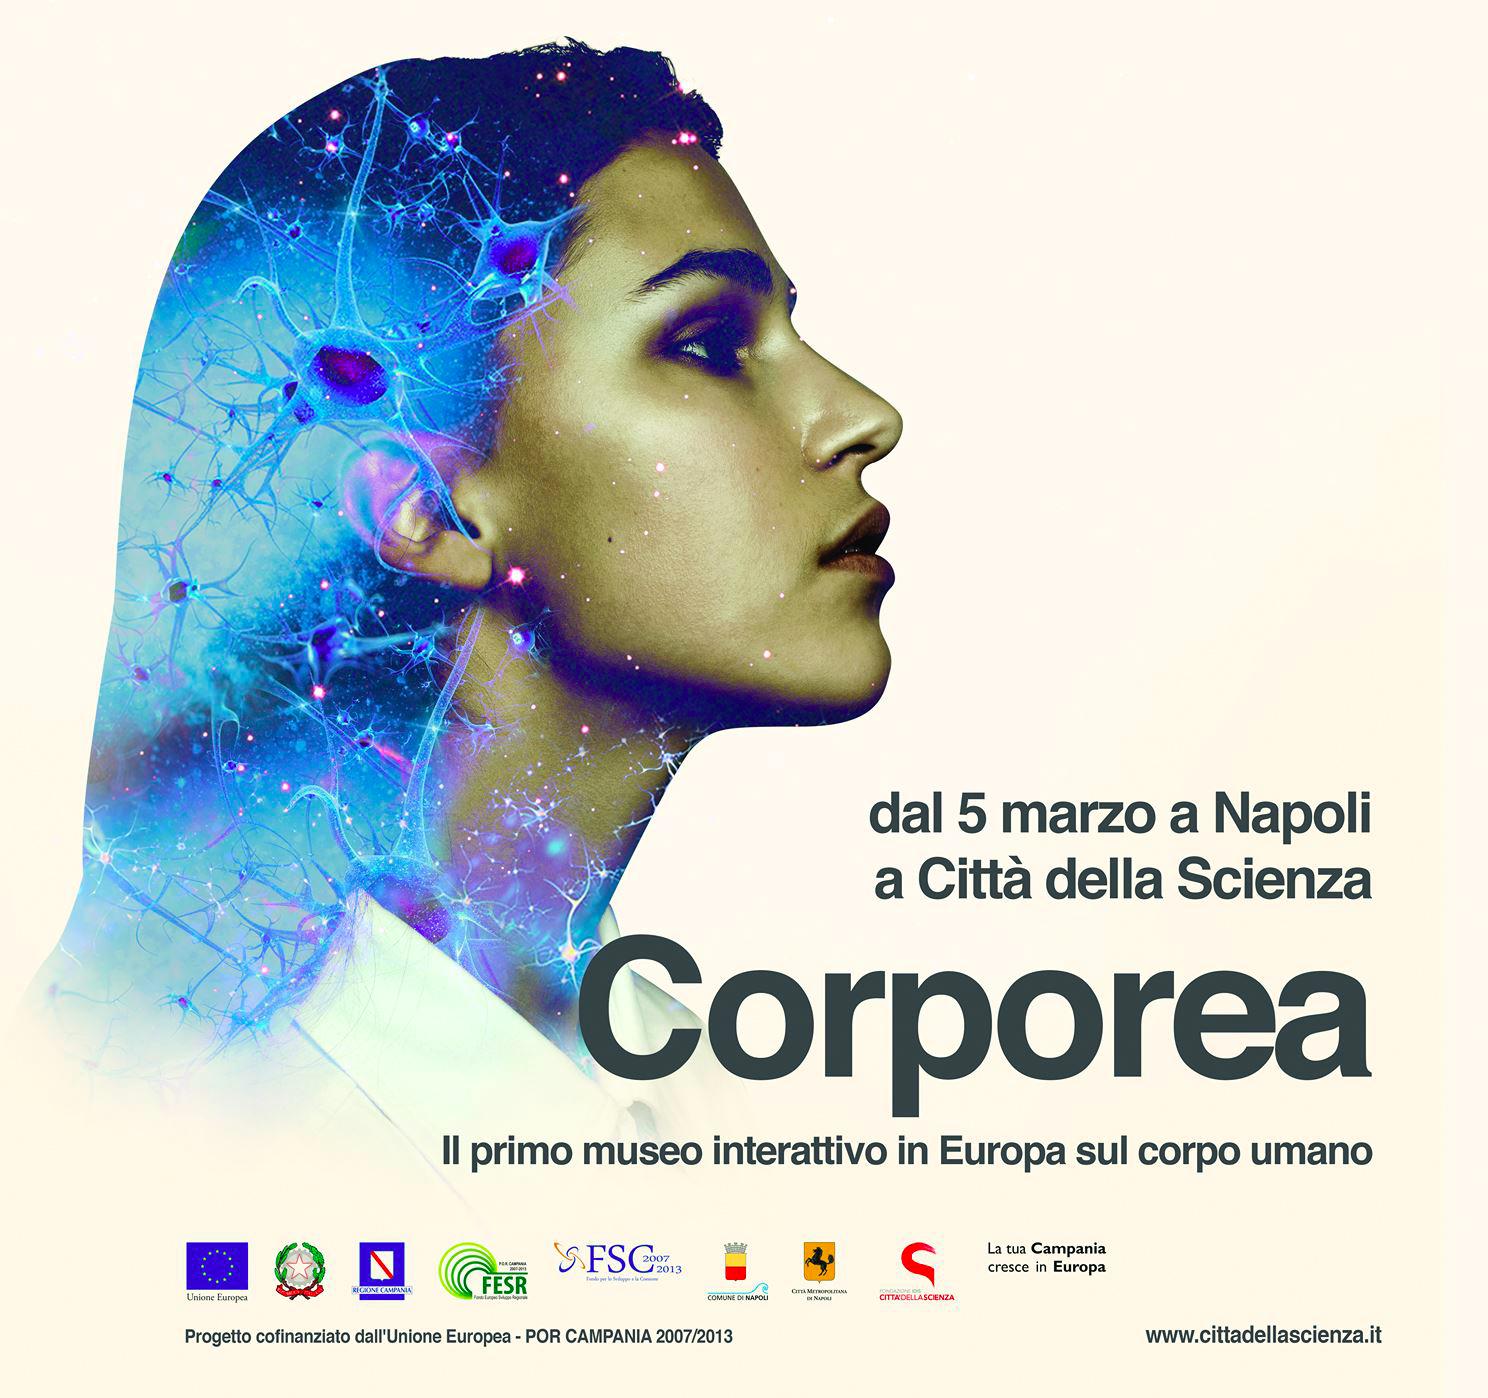 La locandina di Corporea, la mostra interattiva sul corpo umano inaugurata alla Città della Scienza di Napoli. Credit: Città della Scienza.